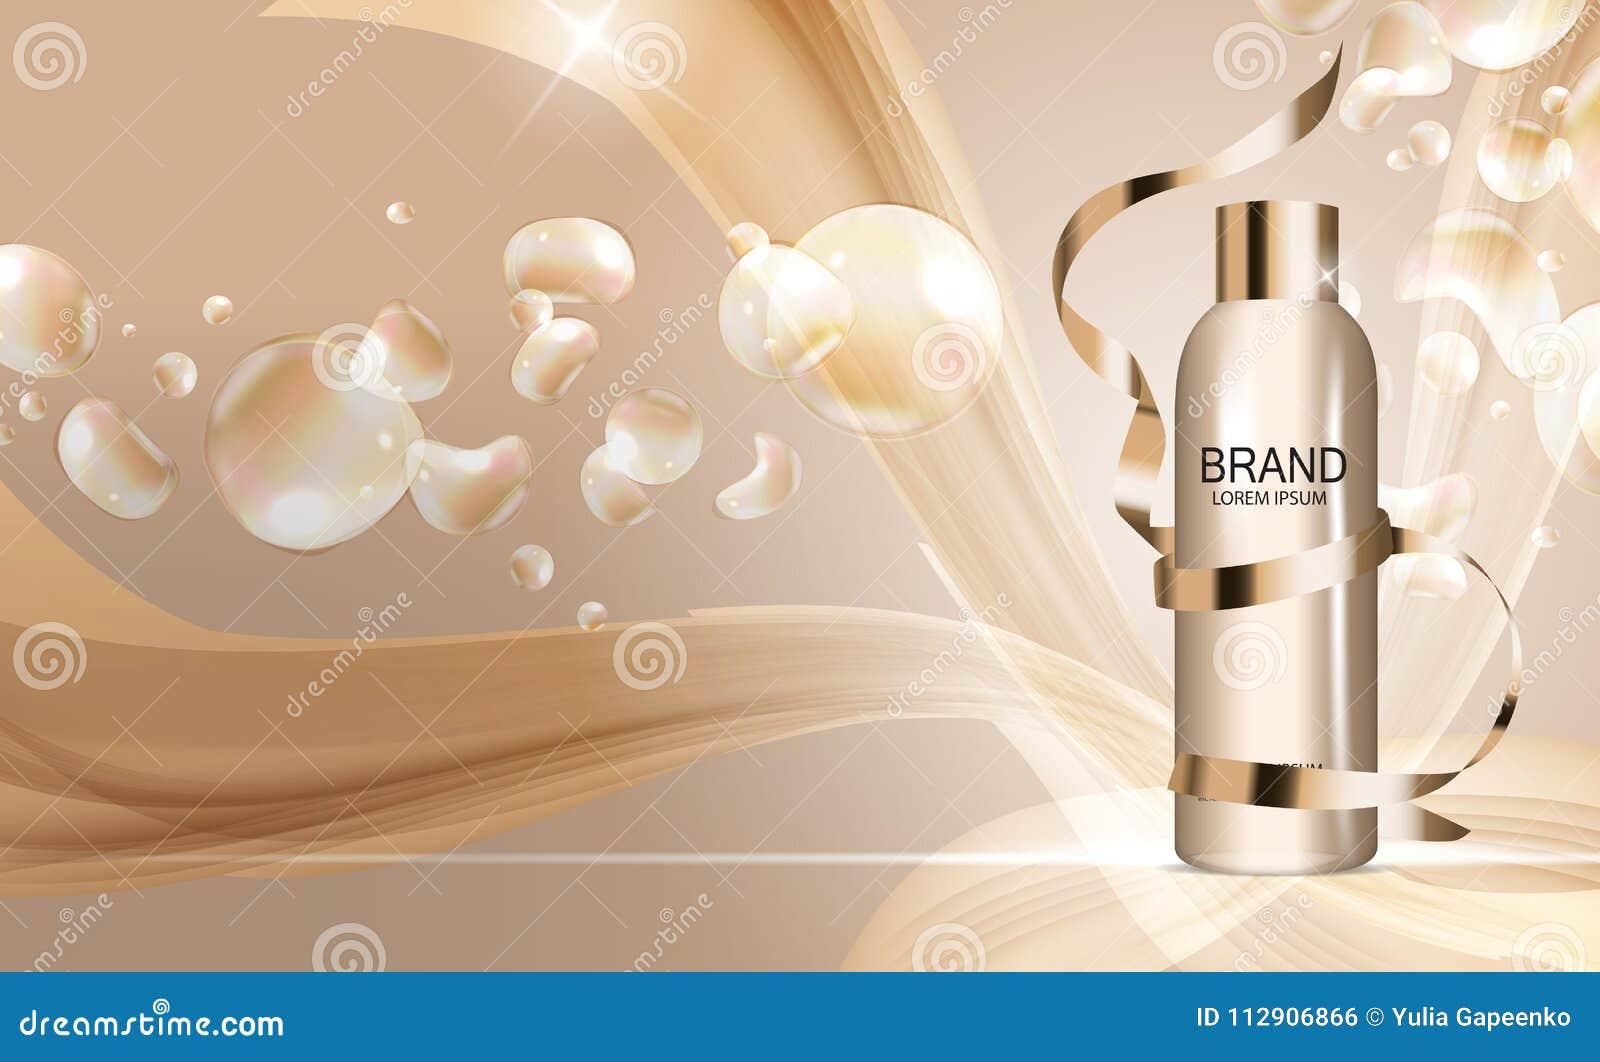 Molde da garrafa do gel do chuveiro para anúncios ou fundo do compartimento 3D vetor realístico Iillustration